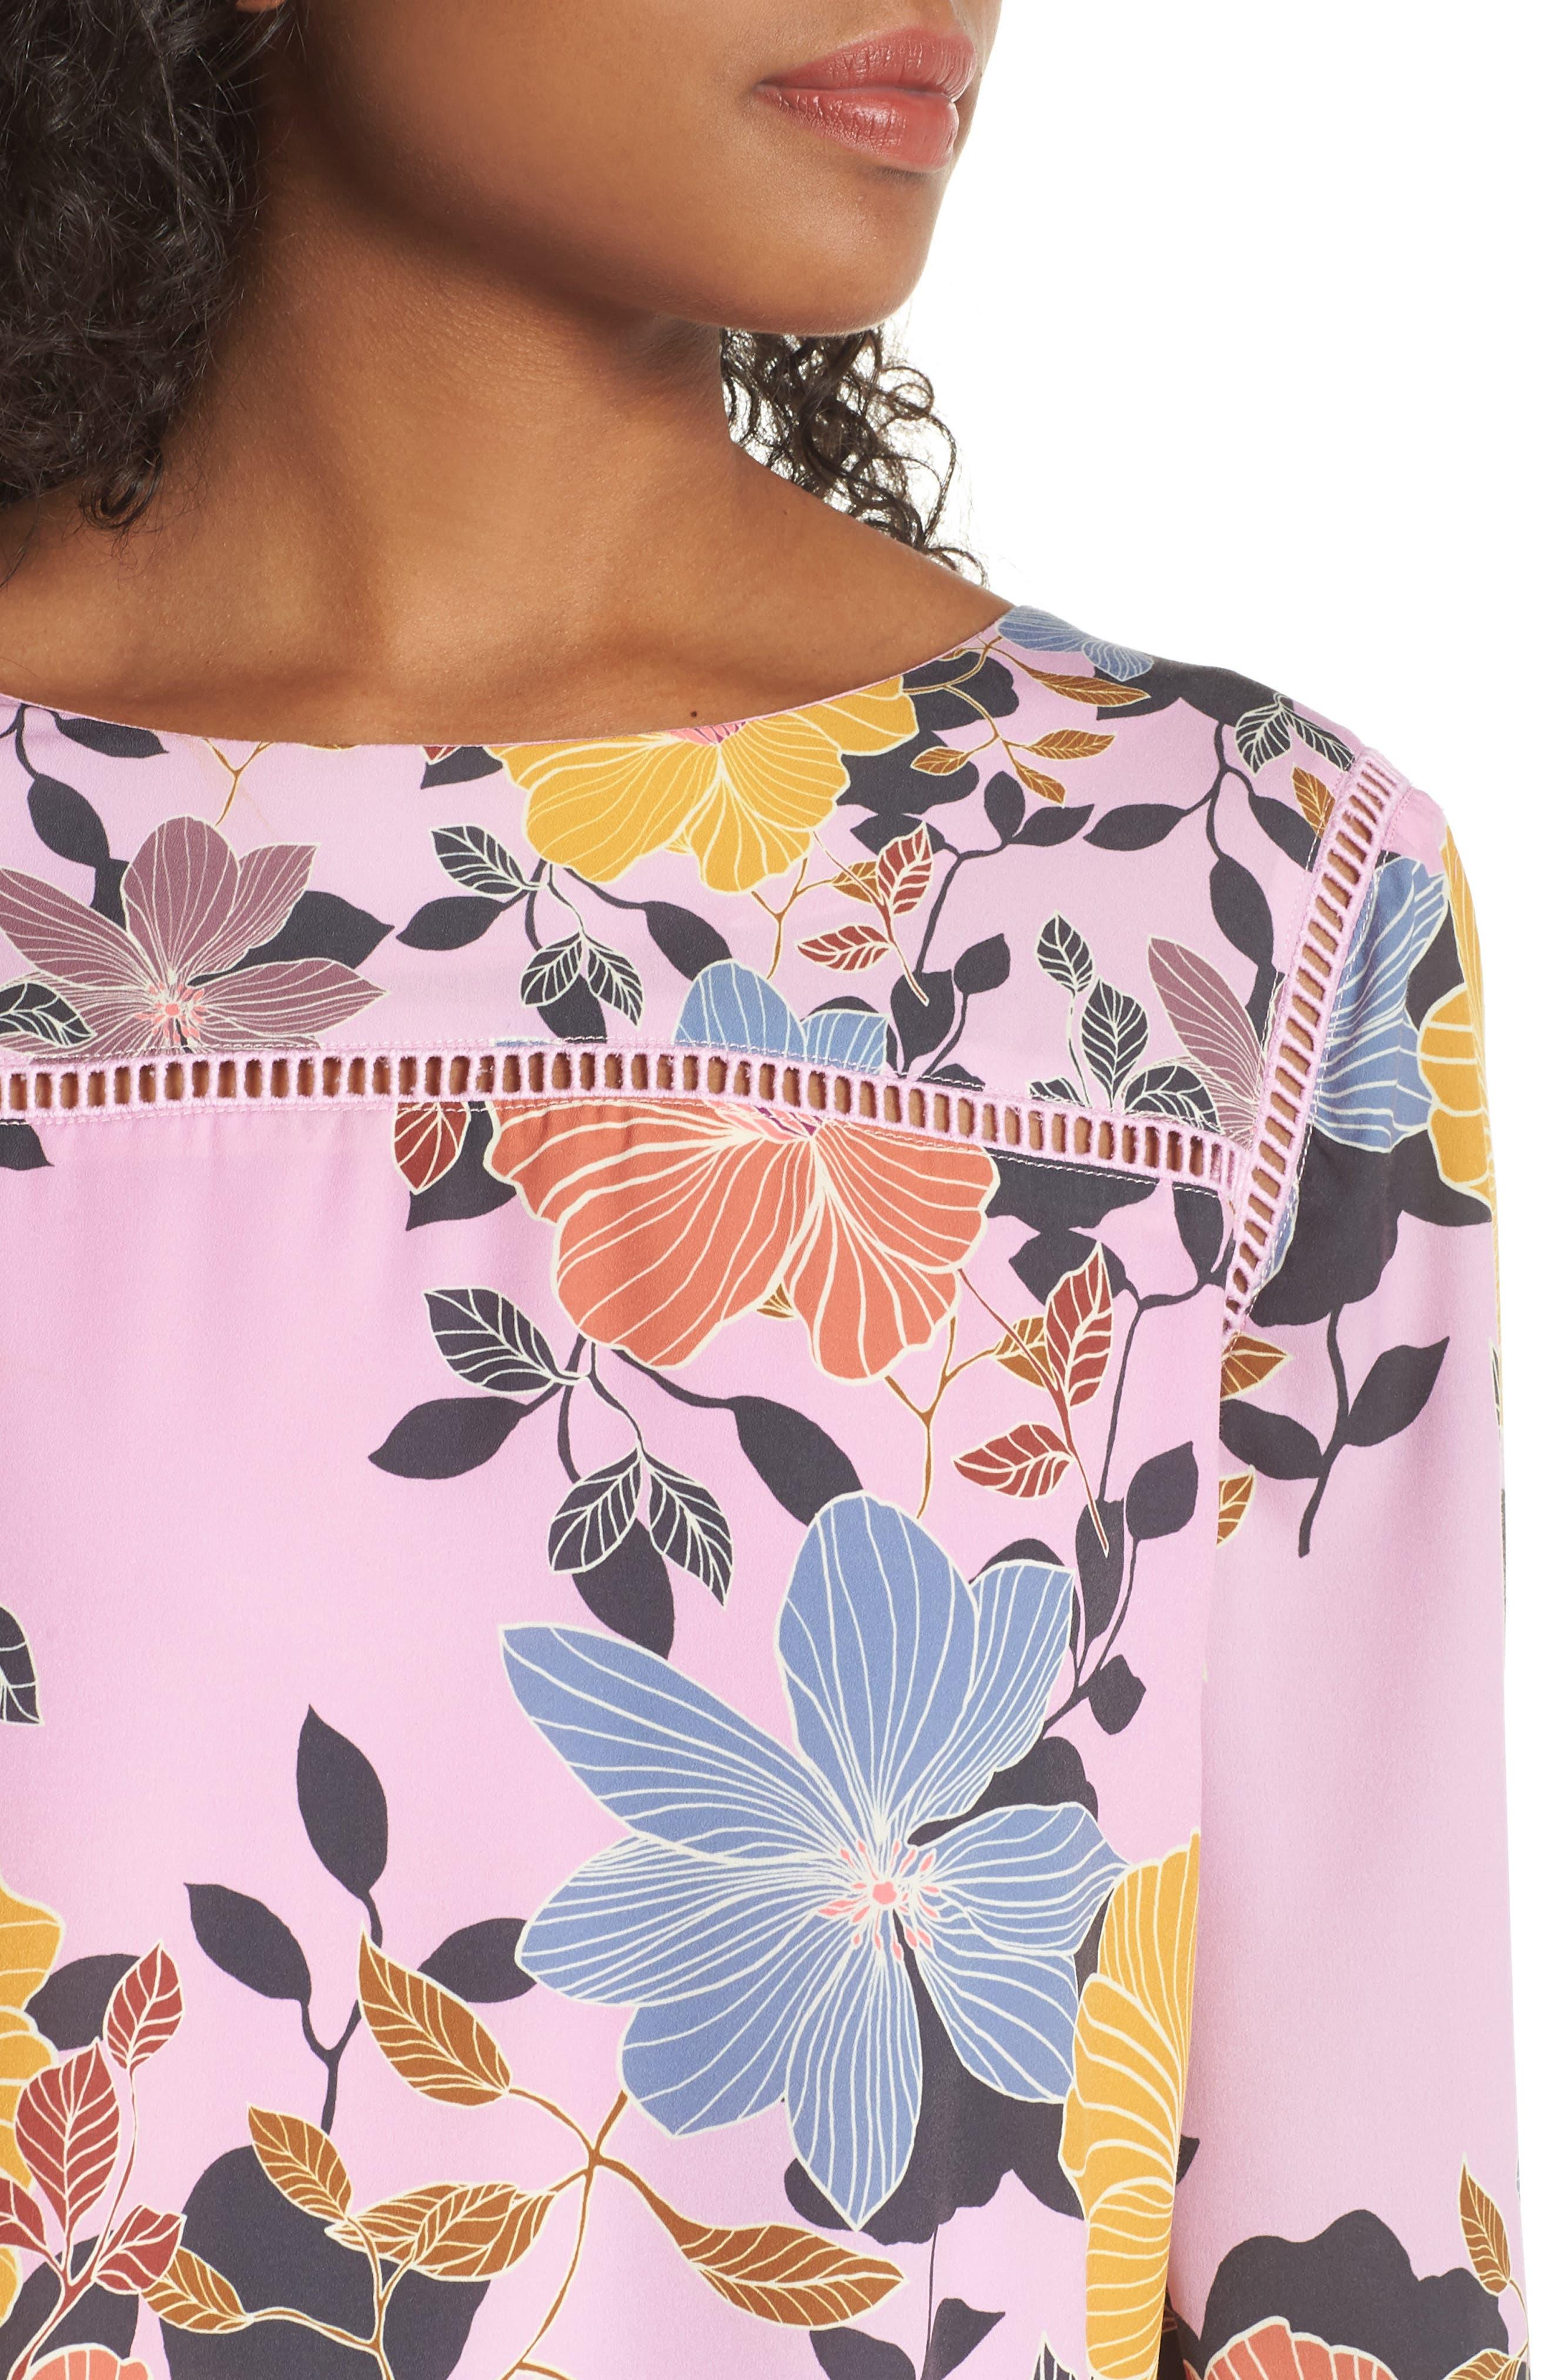 Shikoku Floral Crepe Shift Dress,                             Alternate thumbnail 4, color,                             Violet Vice Multi